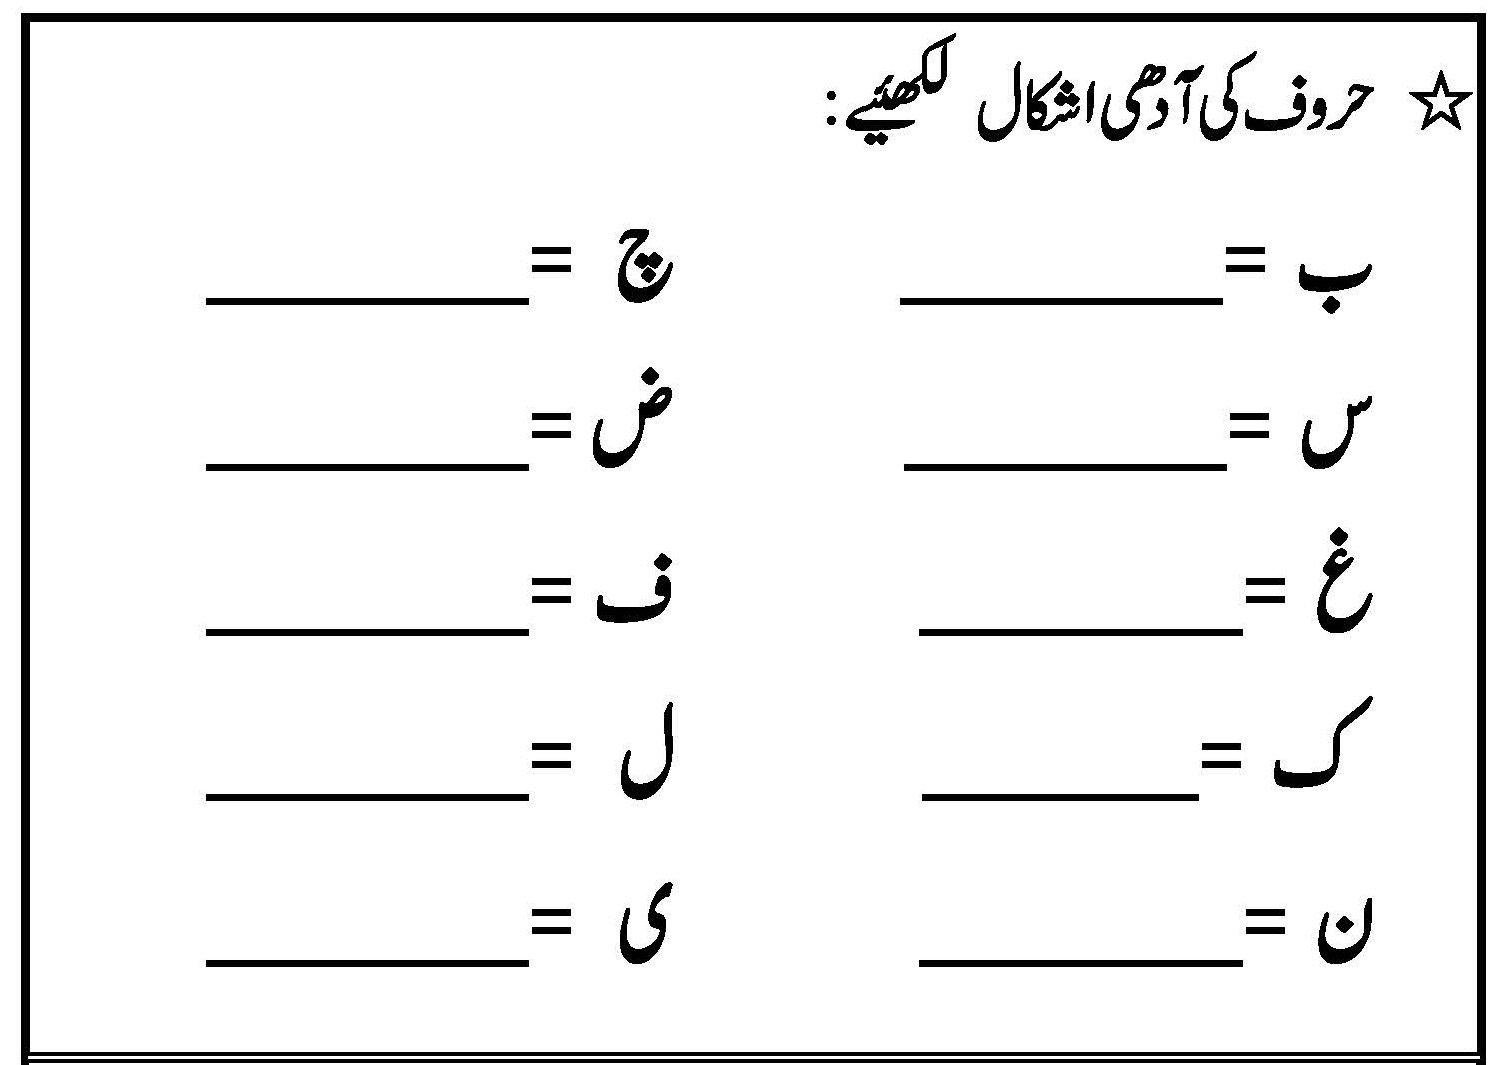 Worksheets For Kindergarten Urdu